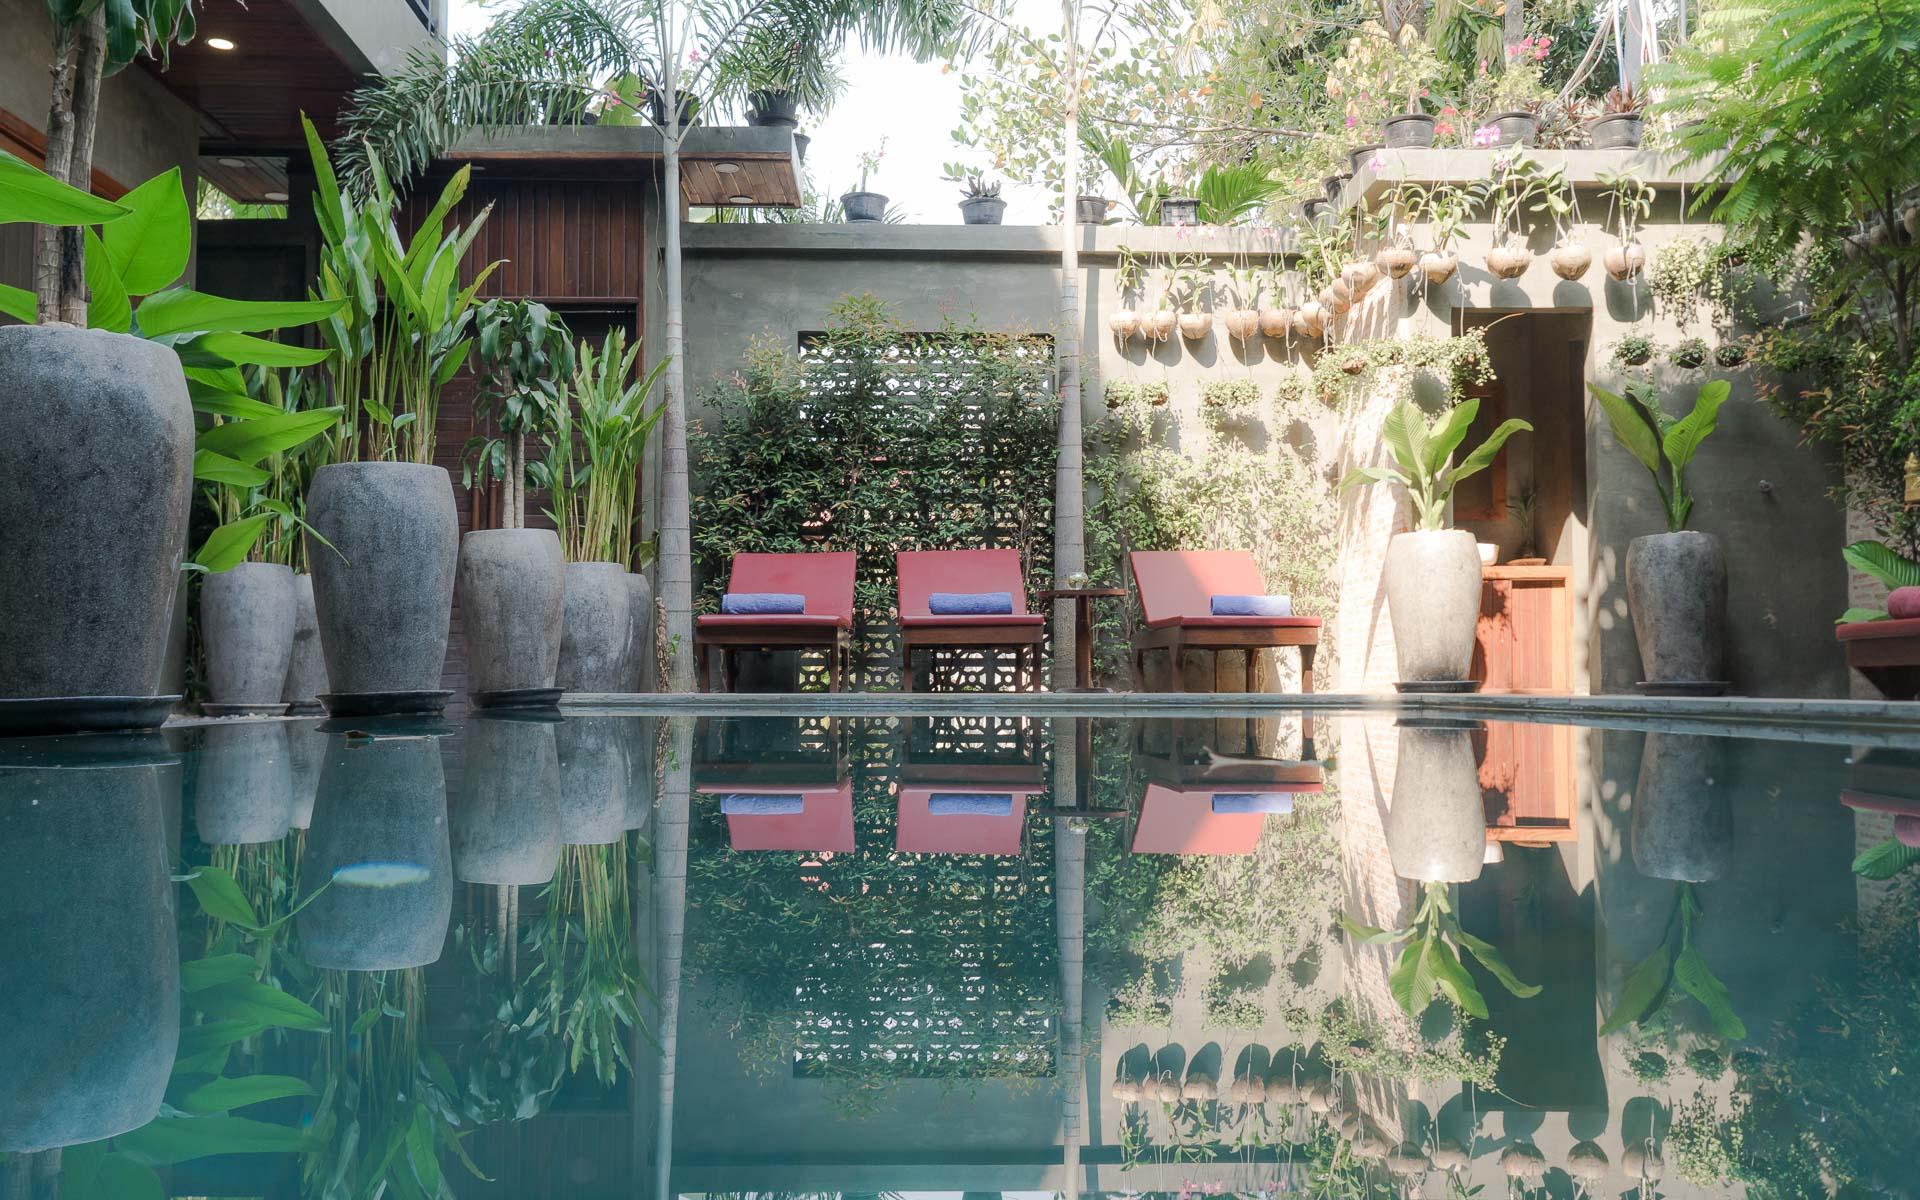 Lesvoyageuses-guide-voyage-siem-reap-angkor-cambodge-won-residence-9